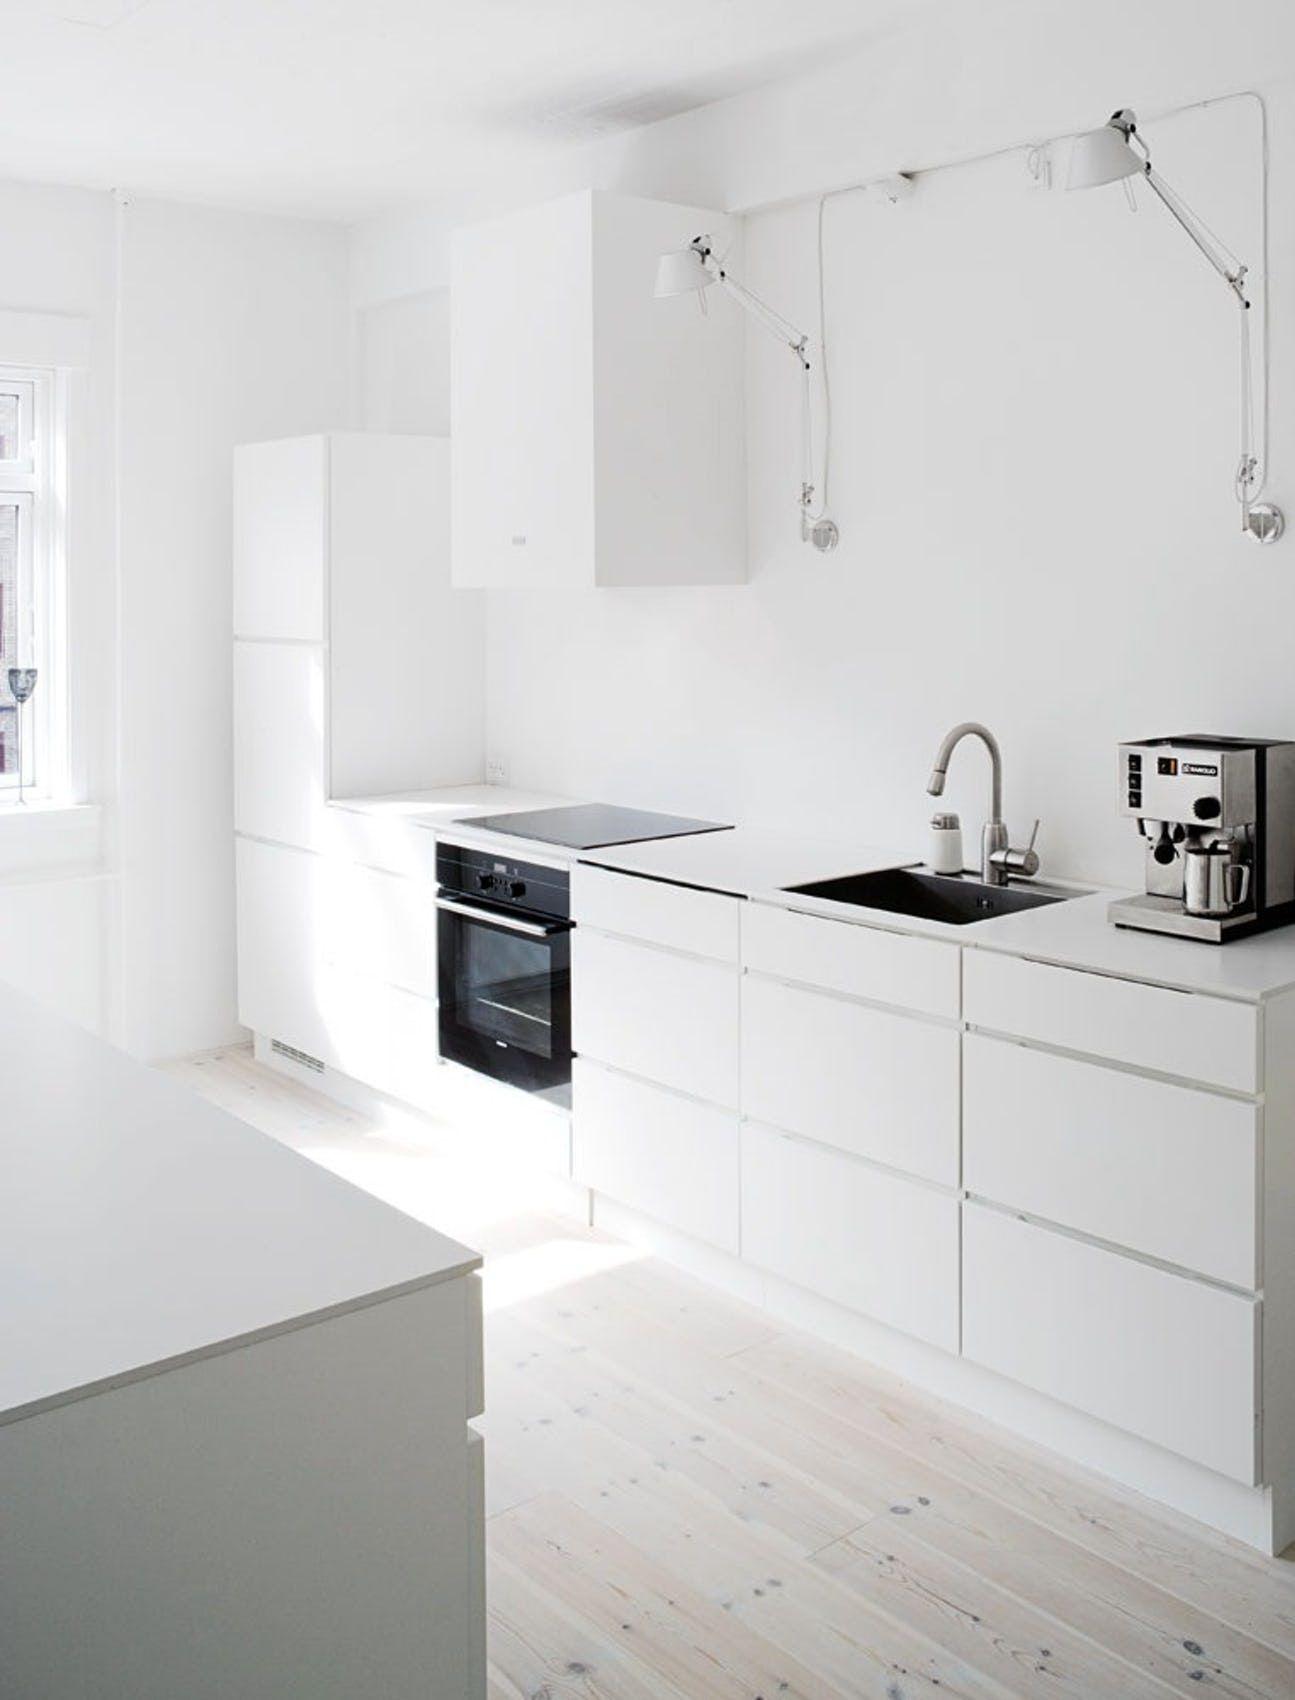 Topnotch Fra betonhal til designerbolig   Køkkener   Scandinavian kitchen GU24